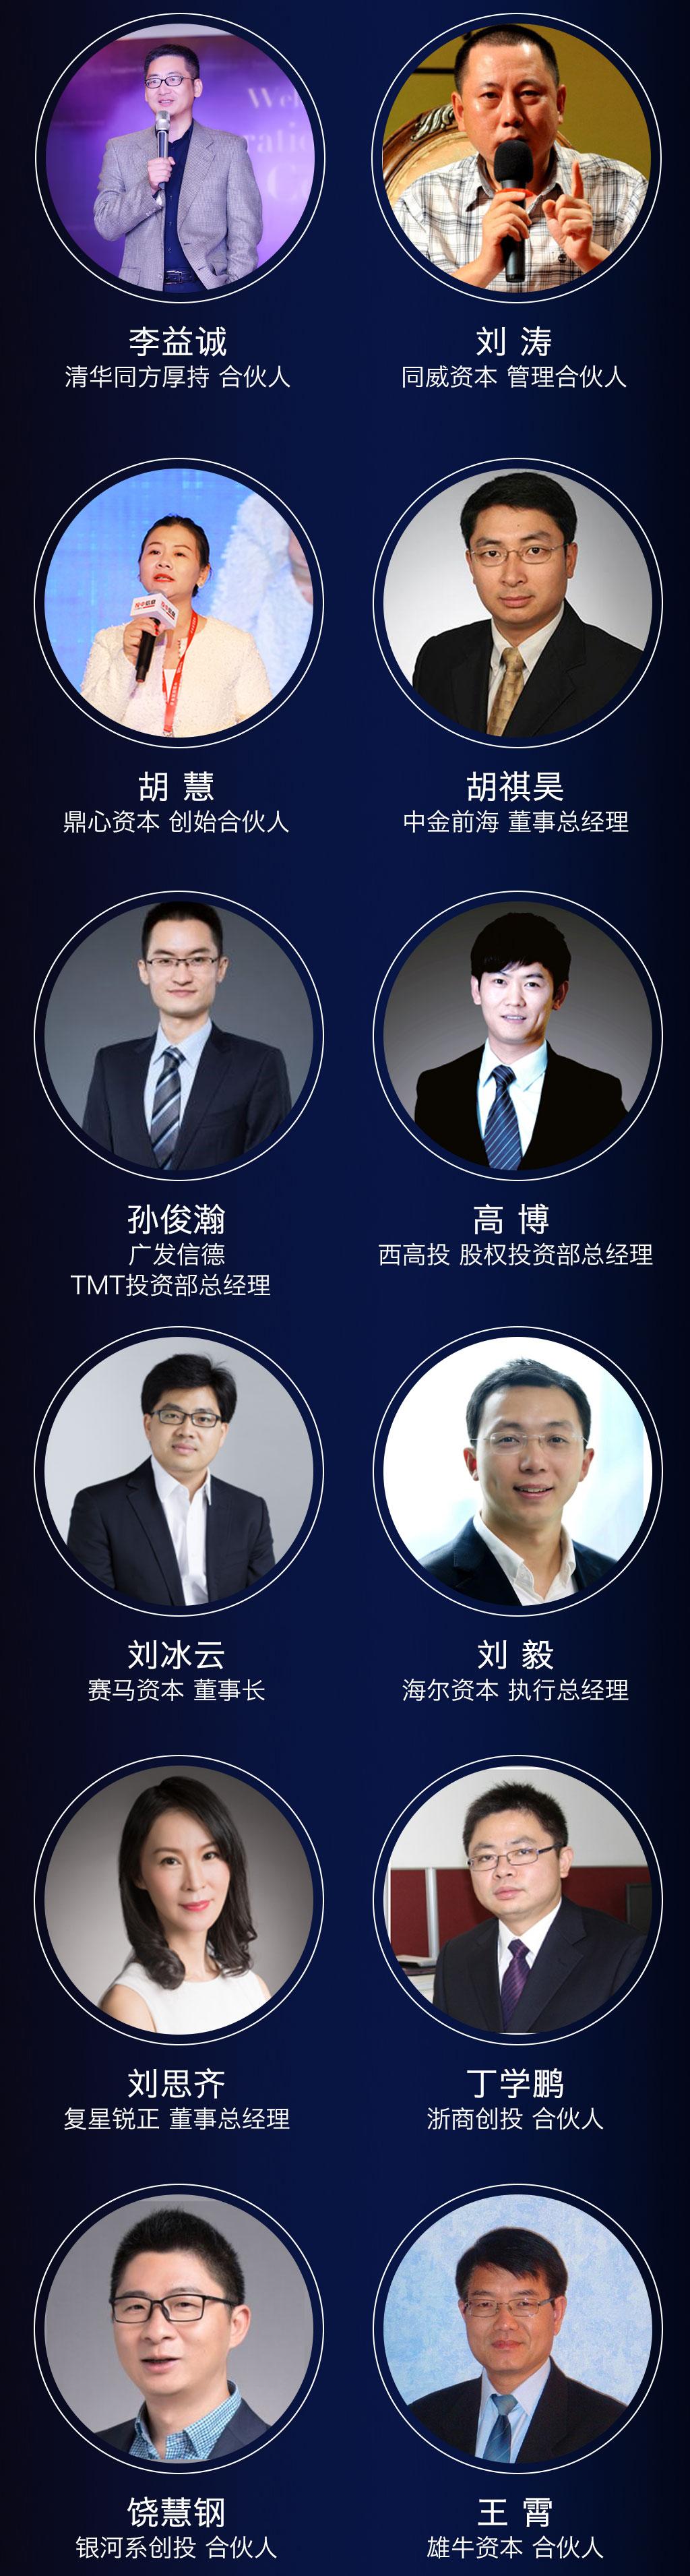 犀牛学院长图新(1).jpg